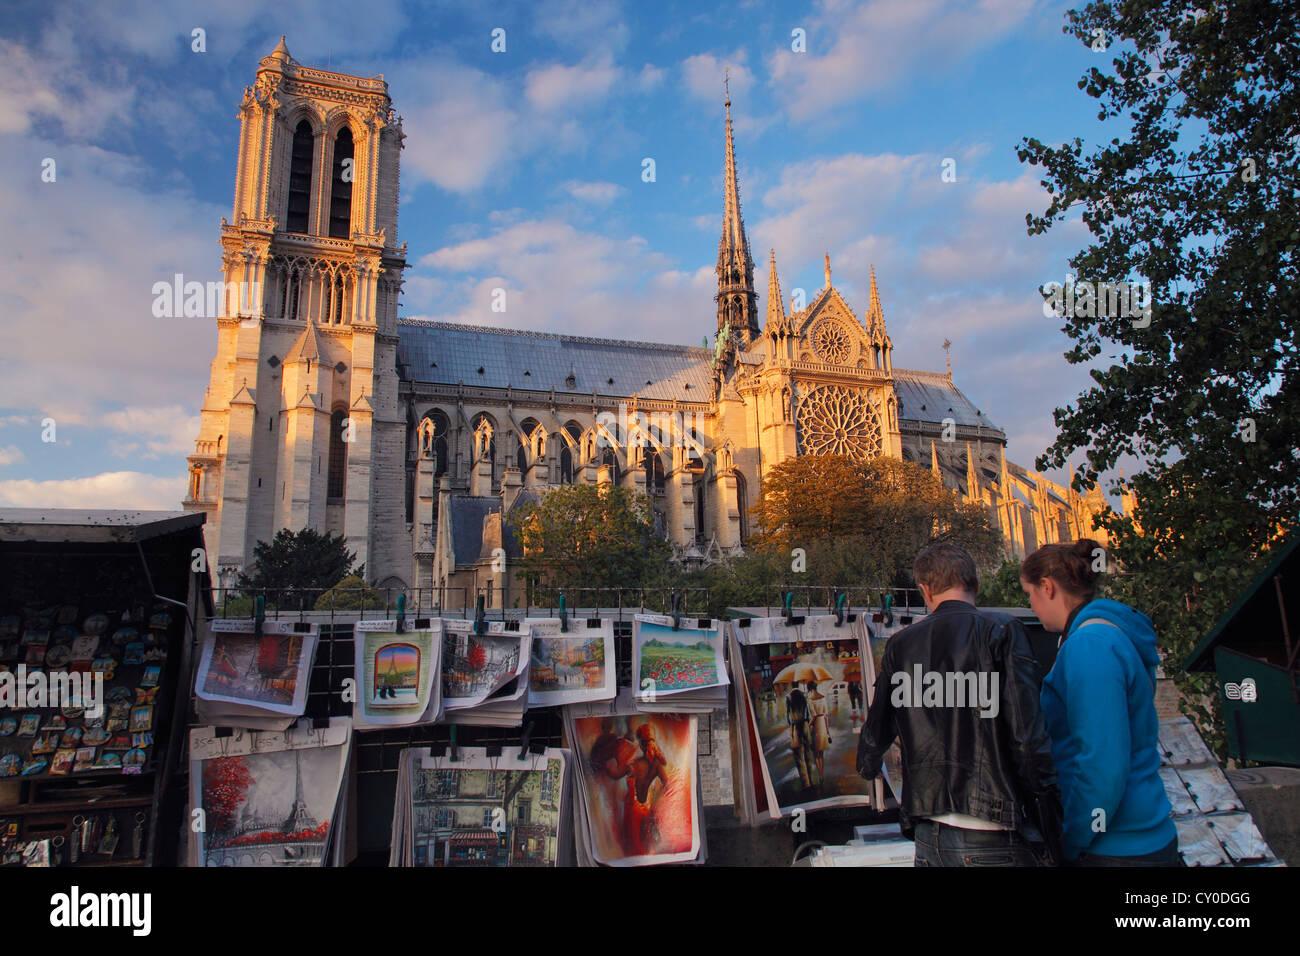 Notre Dame de Paris; La Cathédrale Notre-Dame de Paris Stockbild